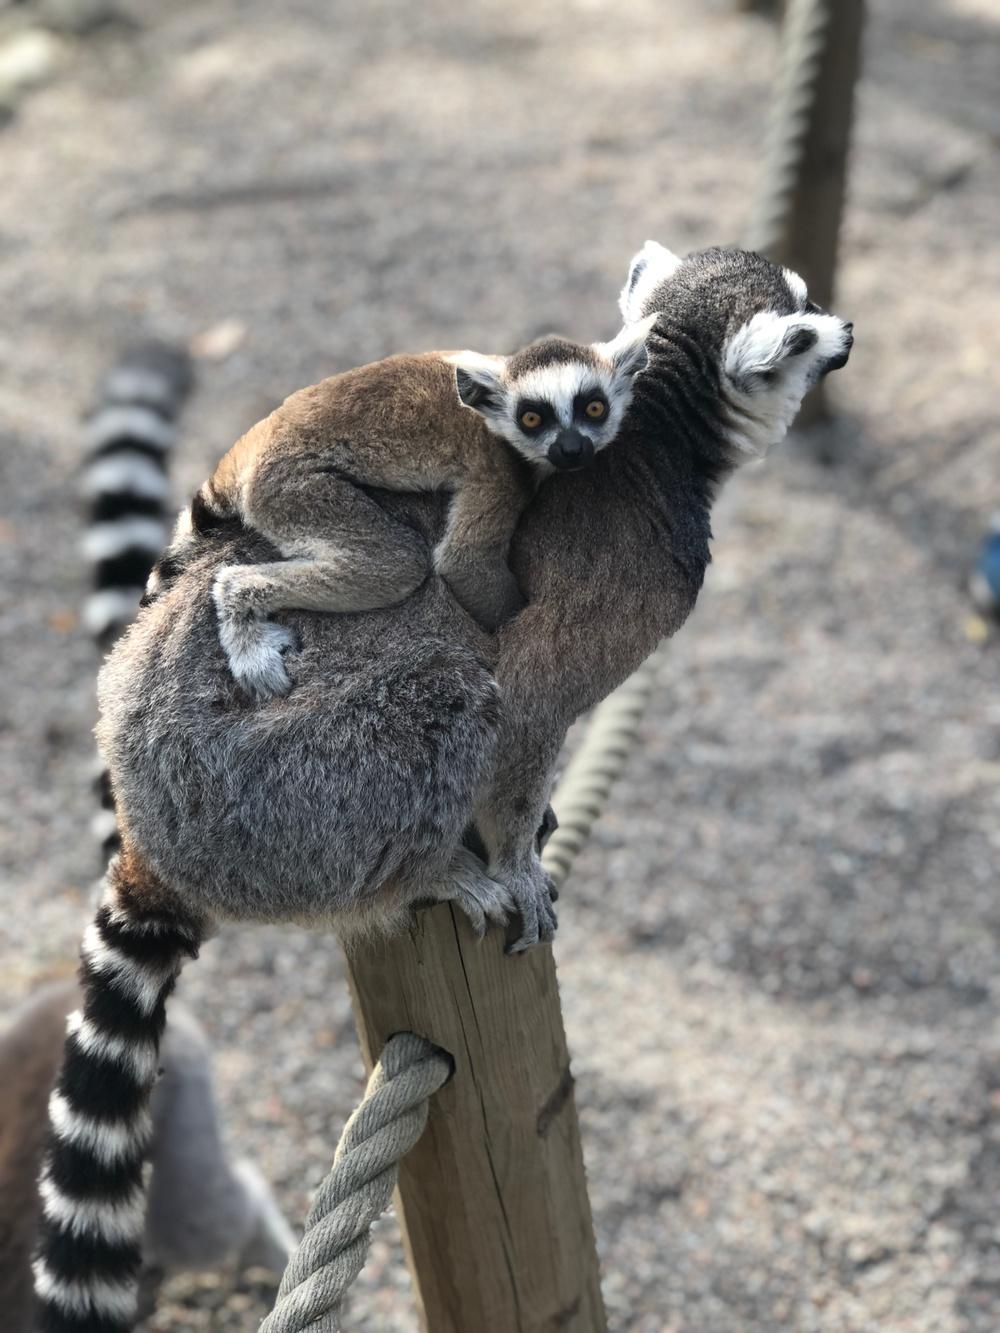 Ringsvanslemurunge på Parken Zoo född våren 2019